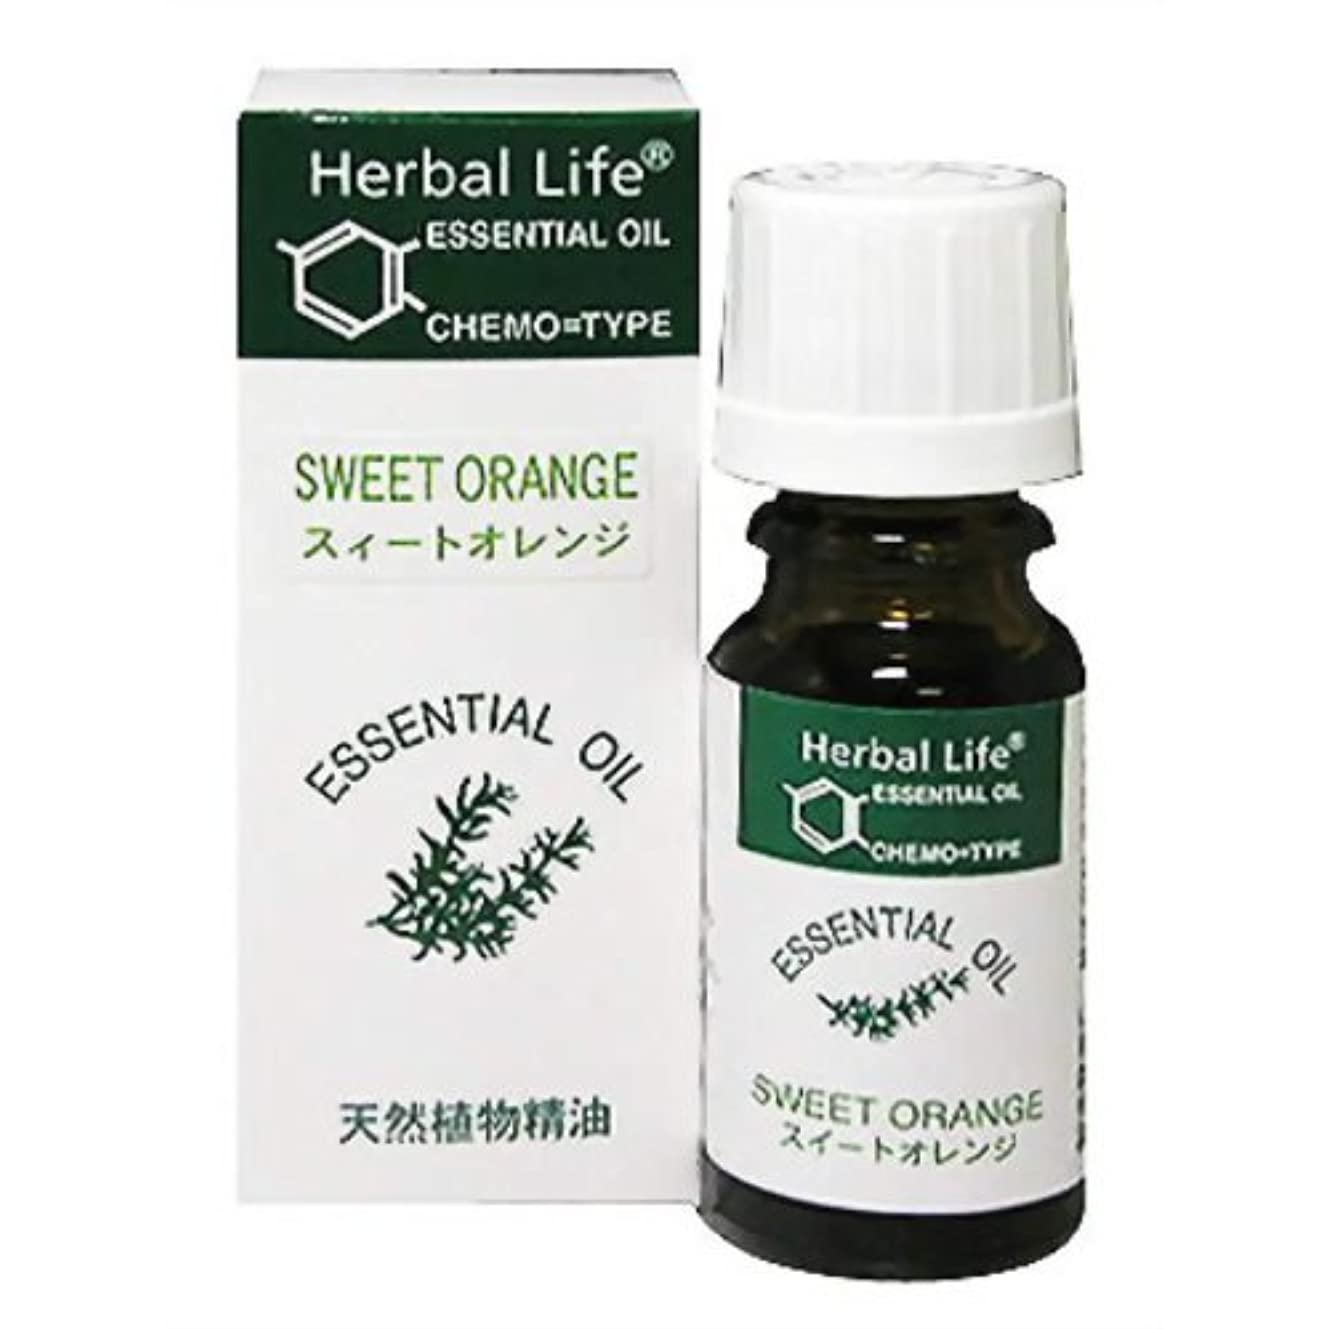 早く描く正当な生活の木 Herbal Life スィートオレンジ 10ml